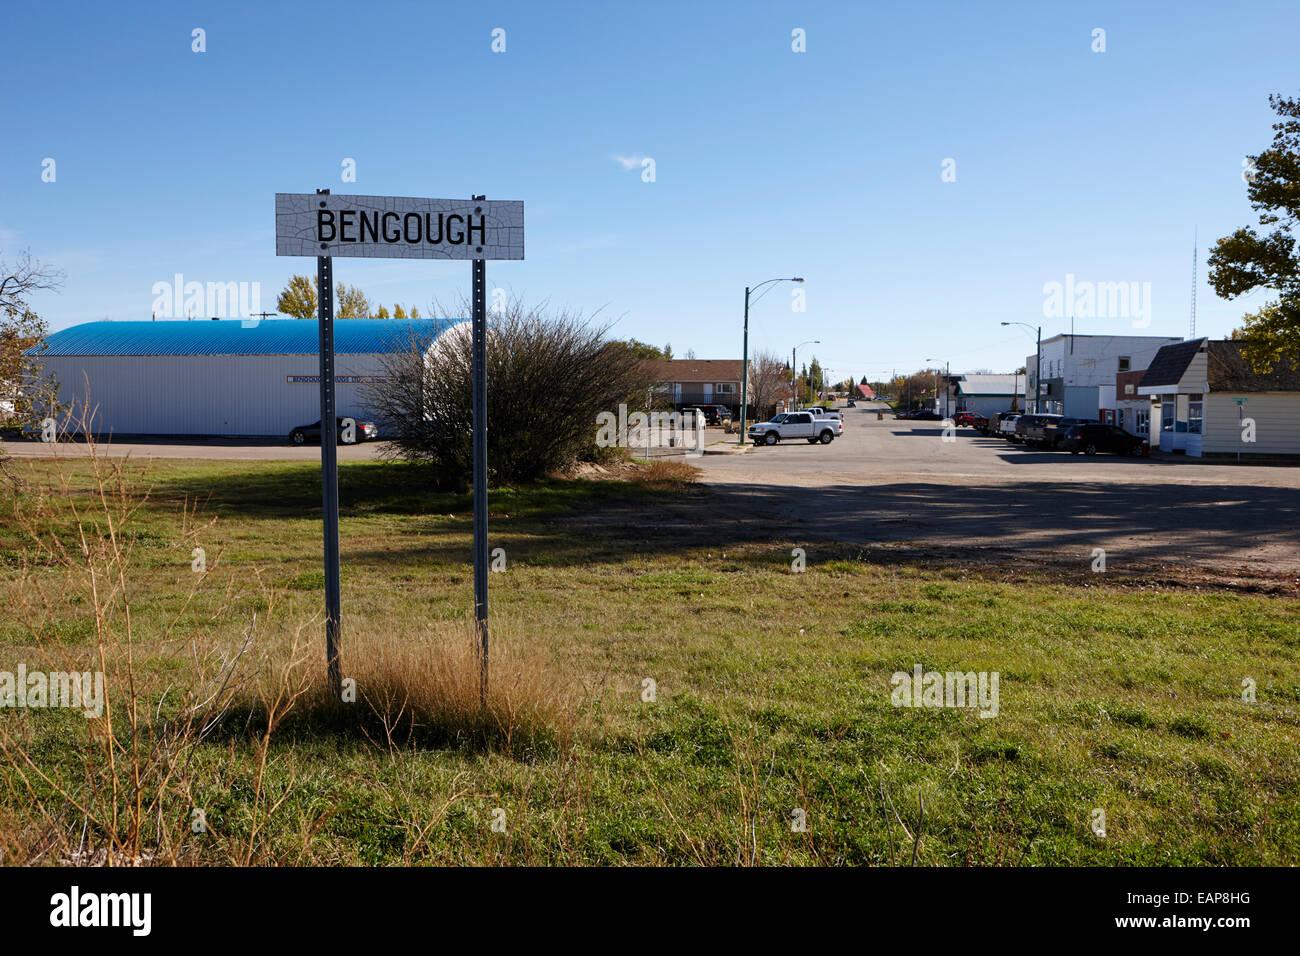 bengough town Saskatchewan Canada - Stock Image